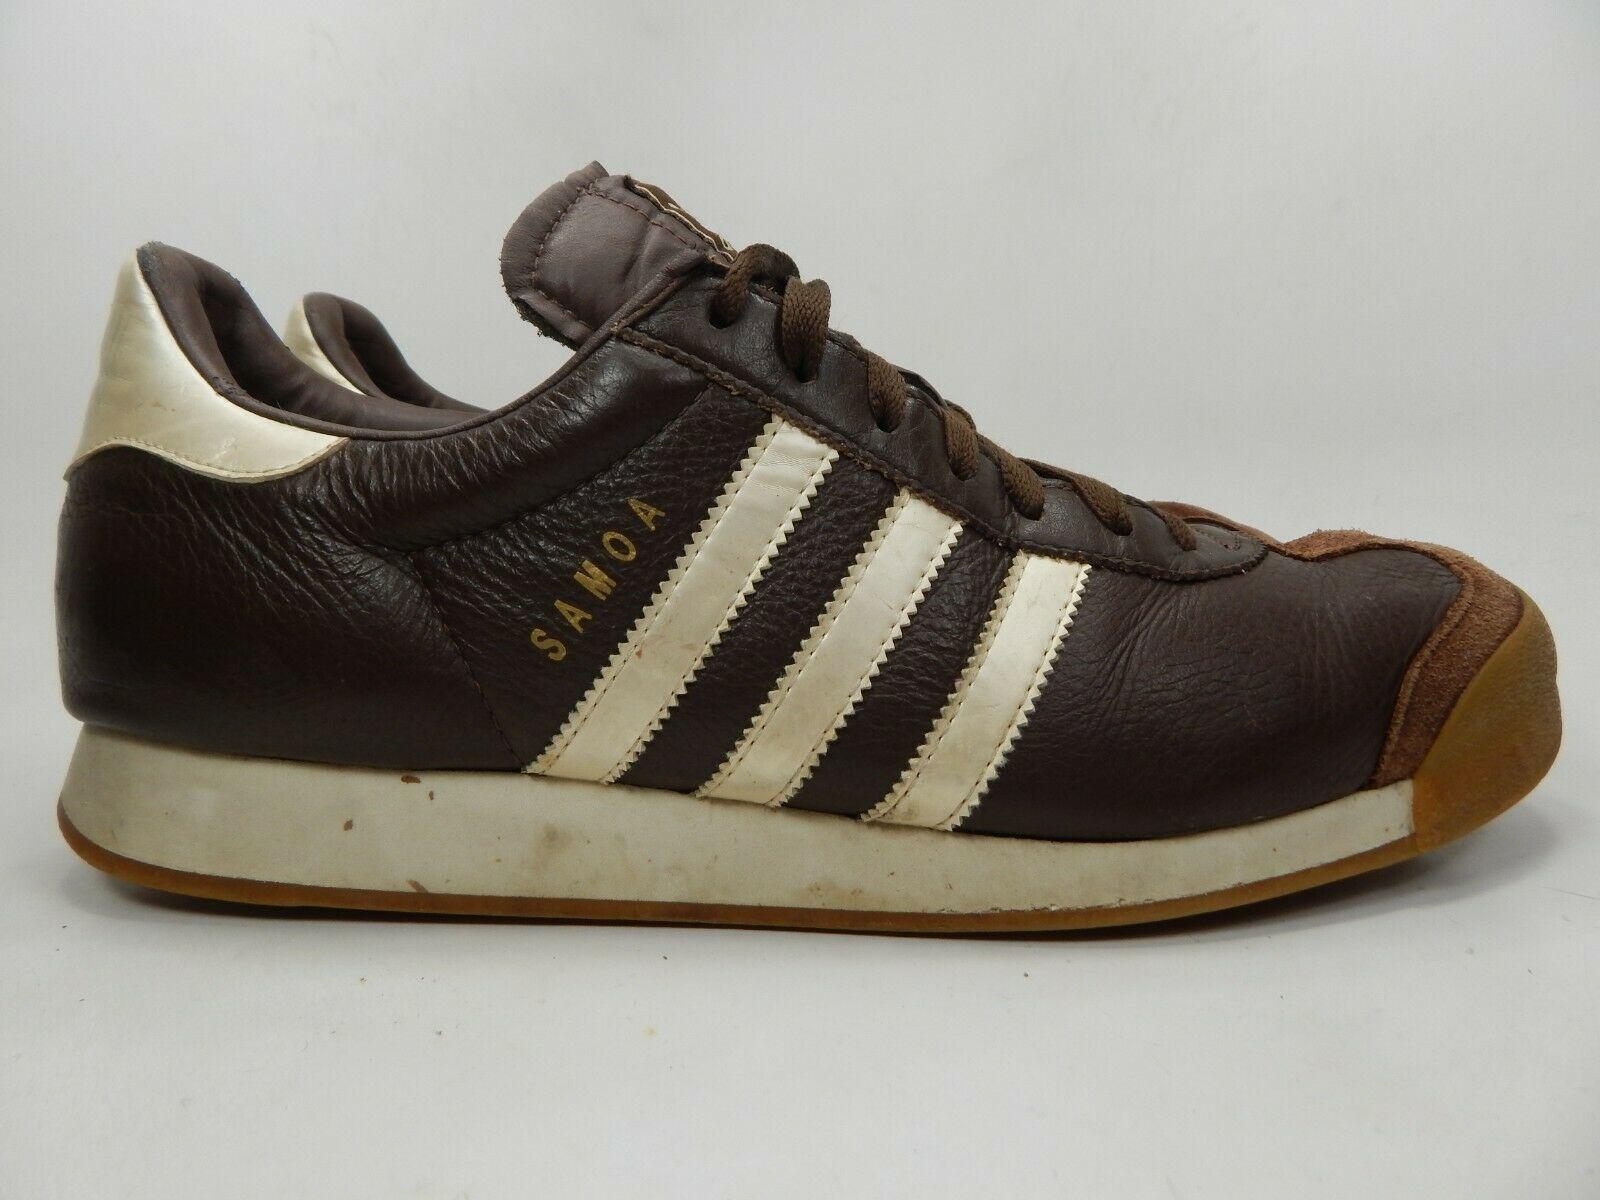 Adidas Samoa Größe US 12 M (D) Eu 46 2/3 Herren Freizeit Turnschuhe Braune